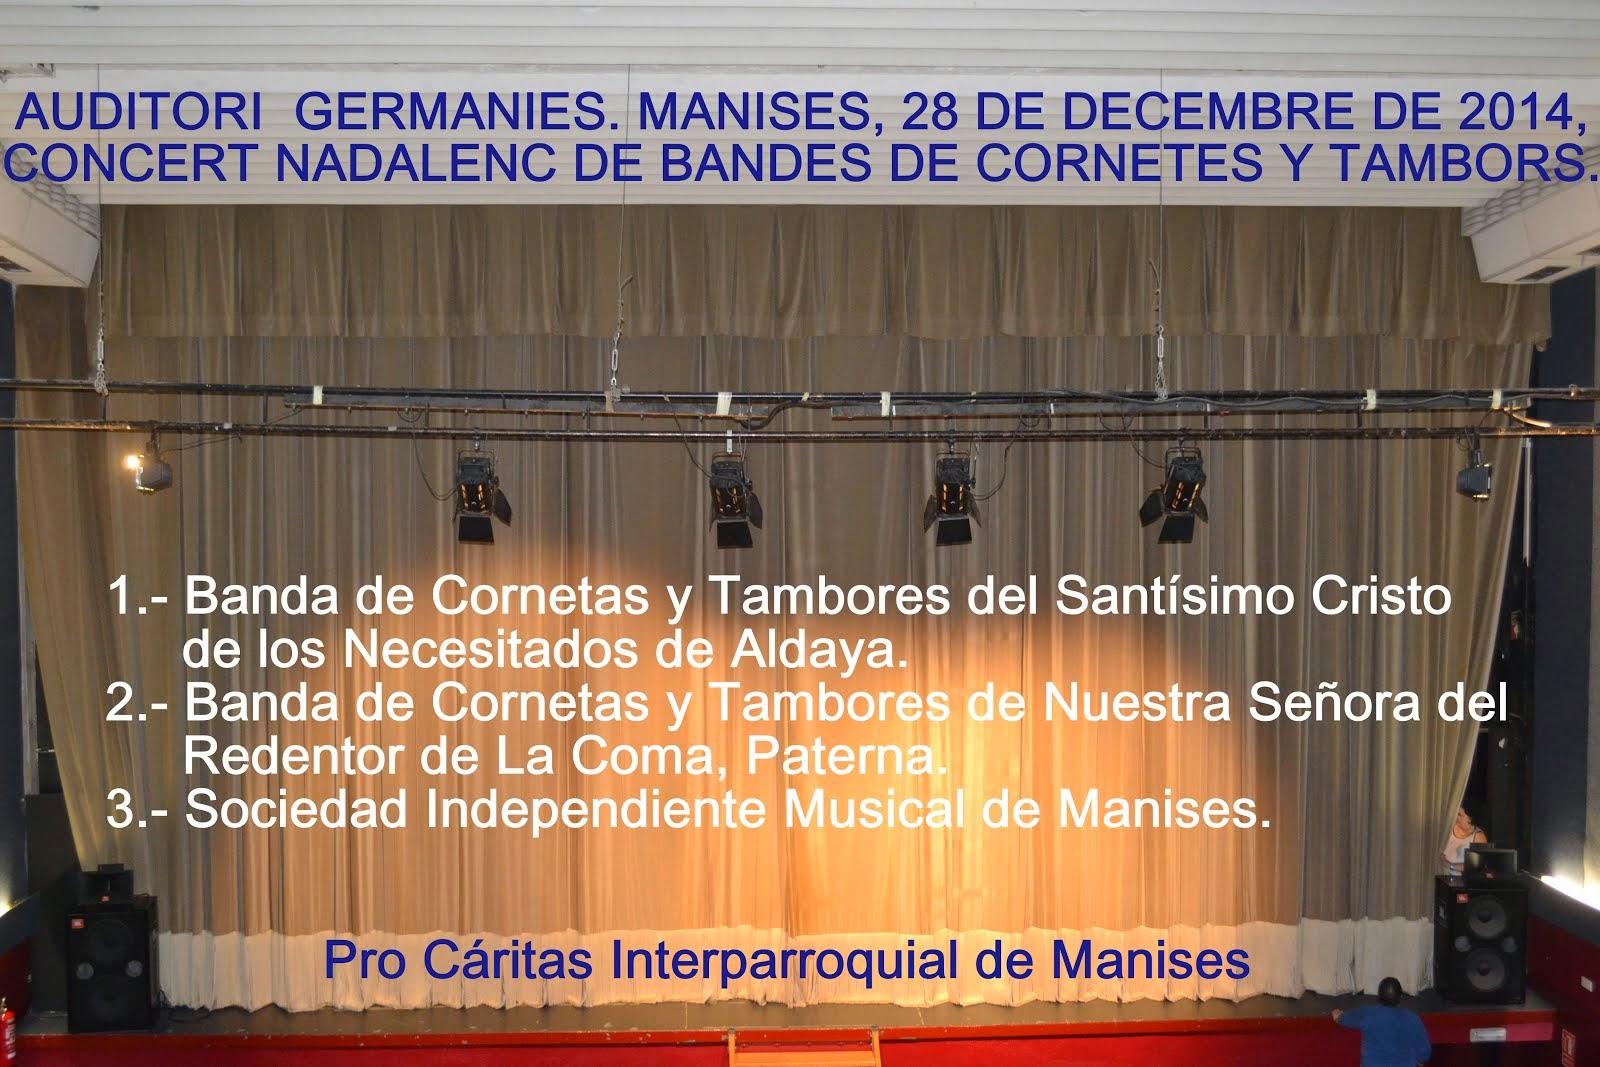 CONCIERTO DE BANDAS DE CORNETAS Y TAMBORES EN MANISES